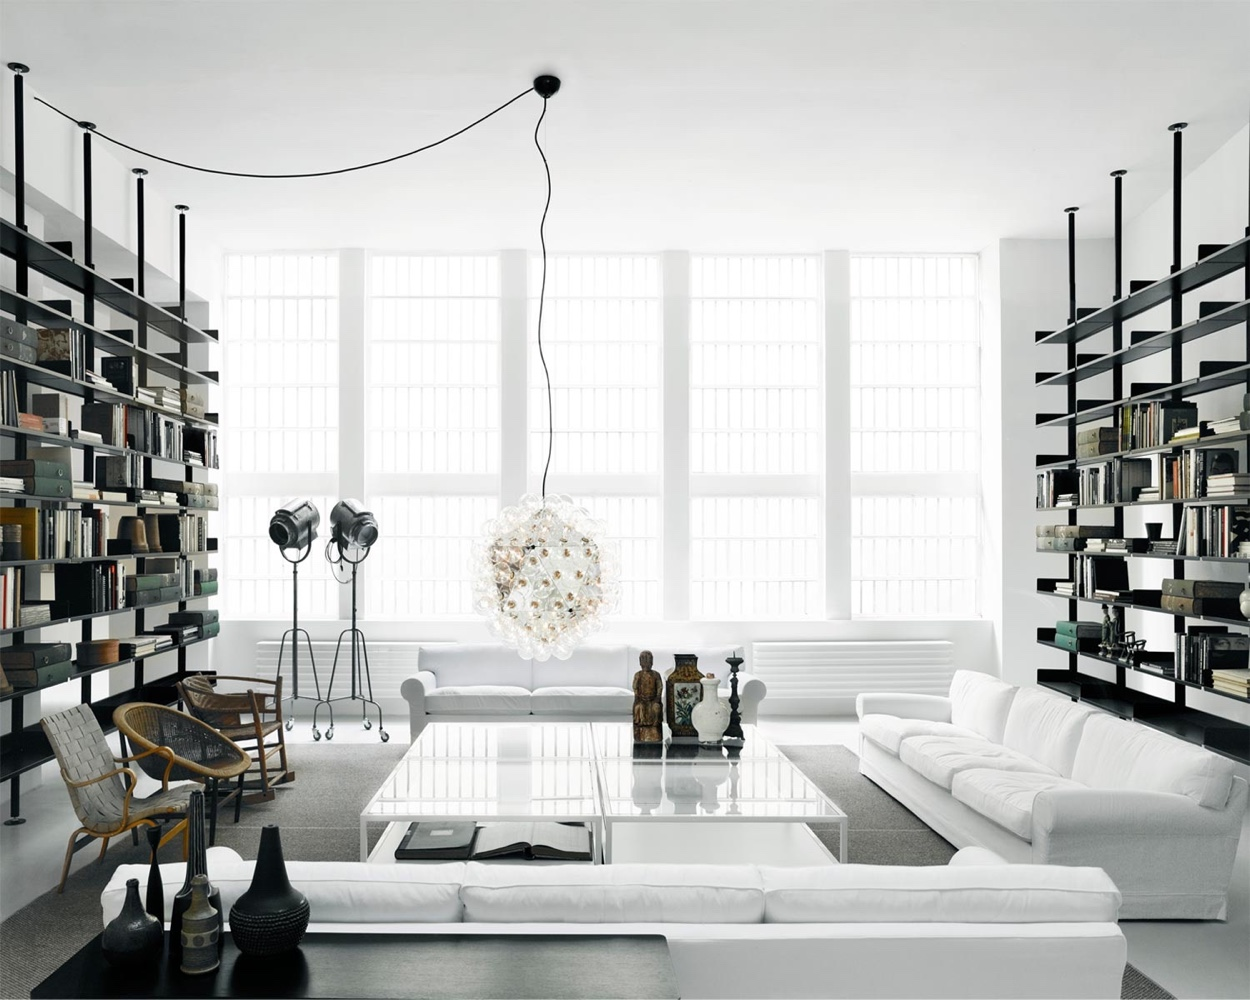 Итальянские дизайнеры мебели - мебель от De Padova Milan. Фото 1